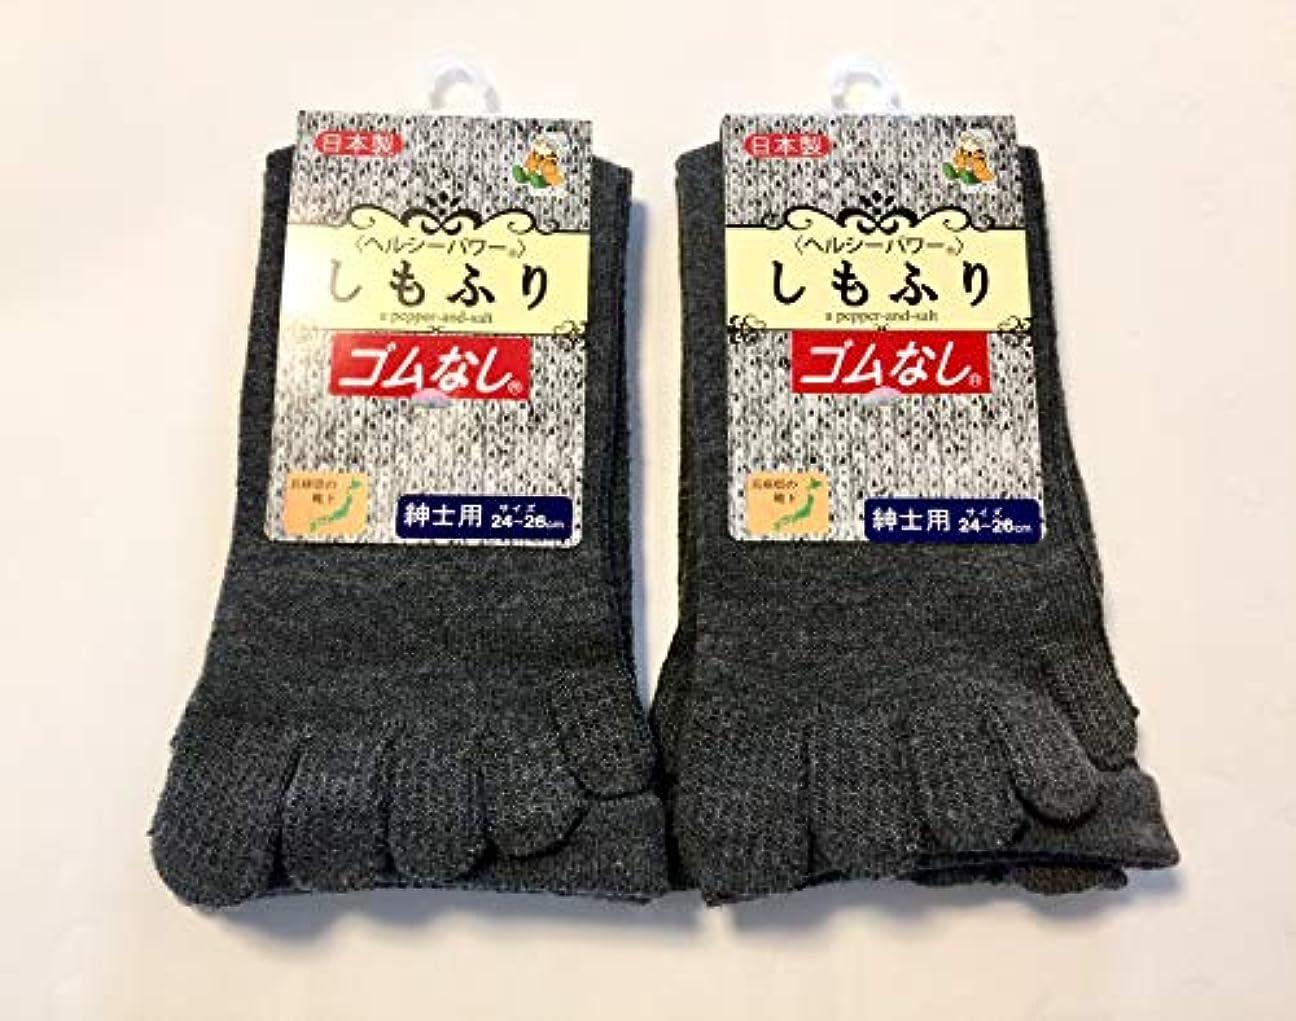 休戦中に横たわる日本製 5本指ソックス メンズ 口ゴムなし しめつけない靴下 24~26cm チャコール2足組